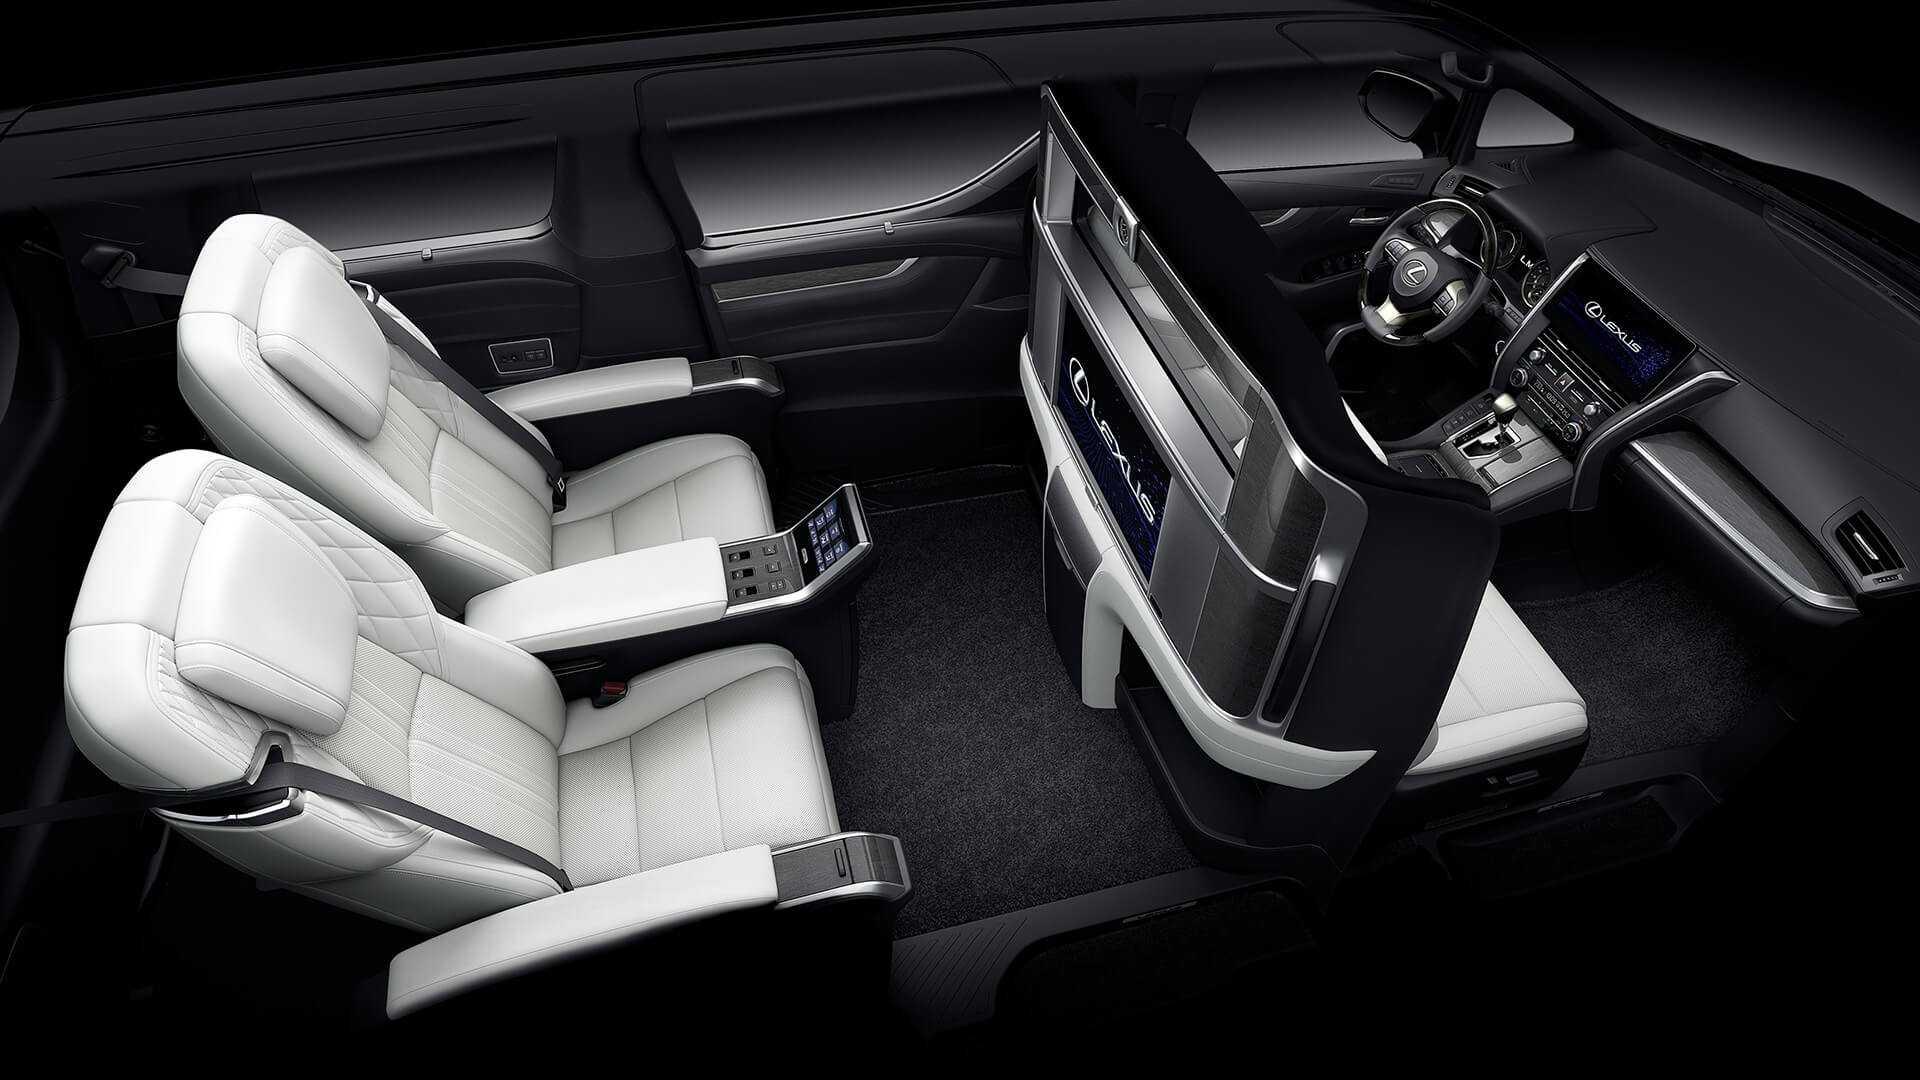 Lexus LM iç dizayn ön konsol